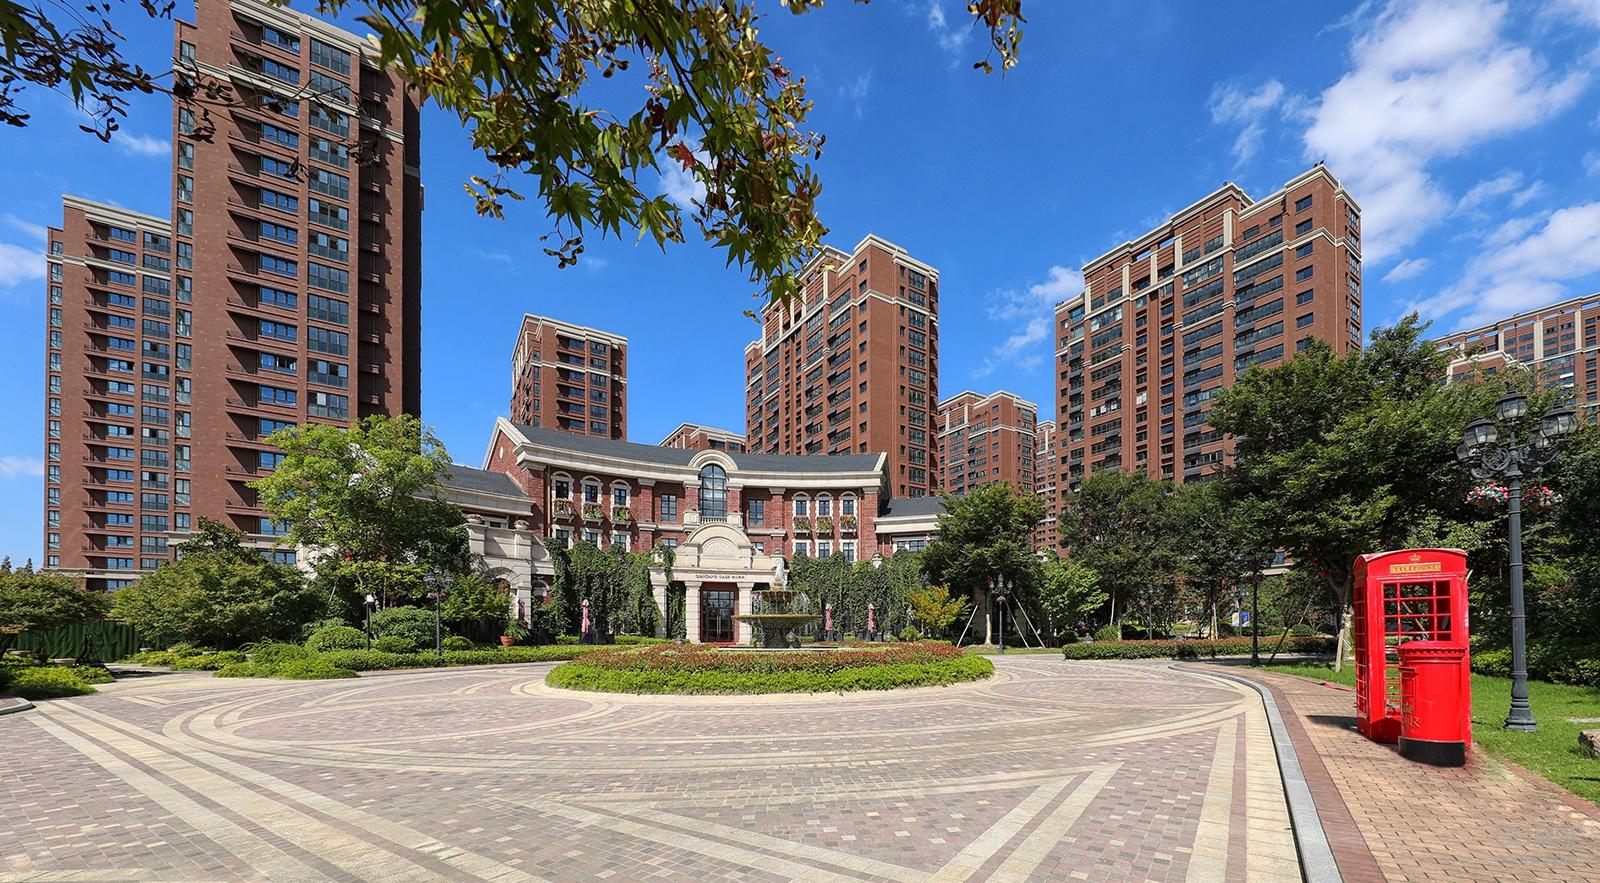 宁波桃园小区风景图